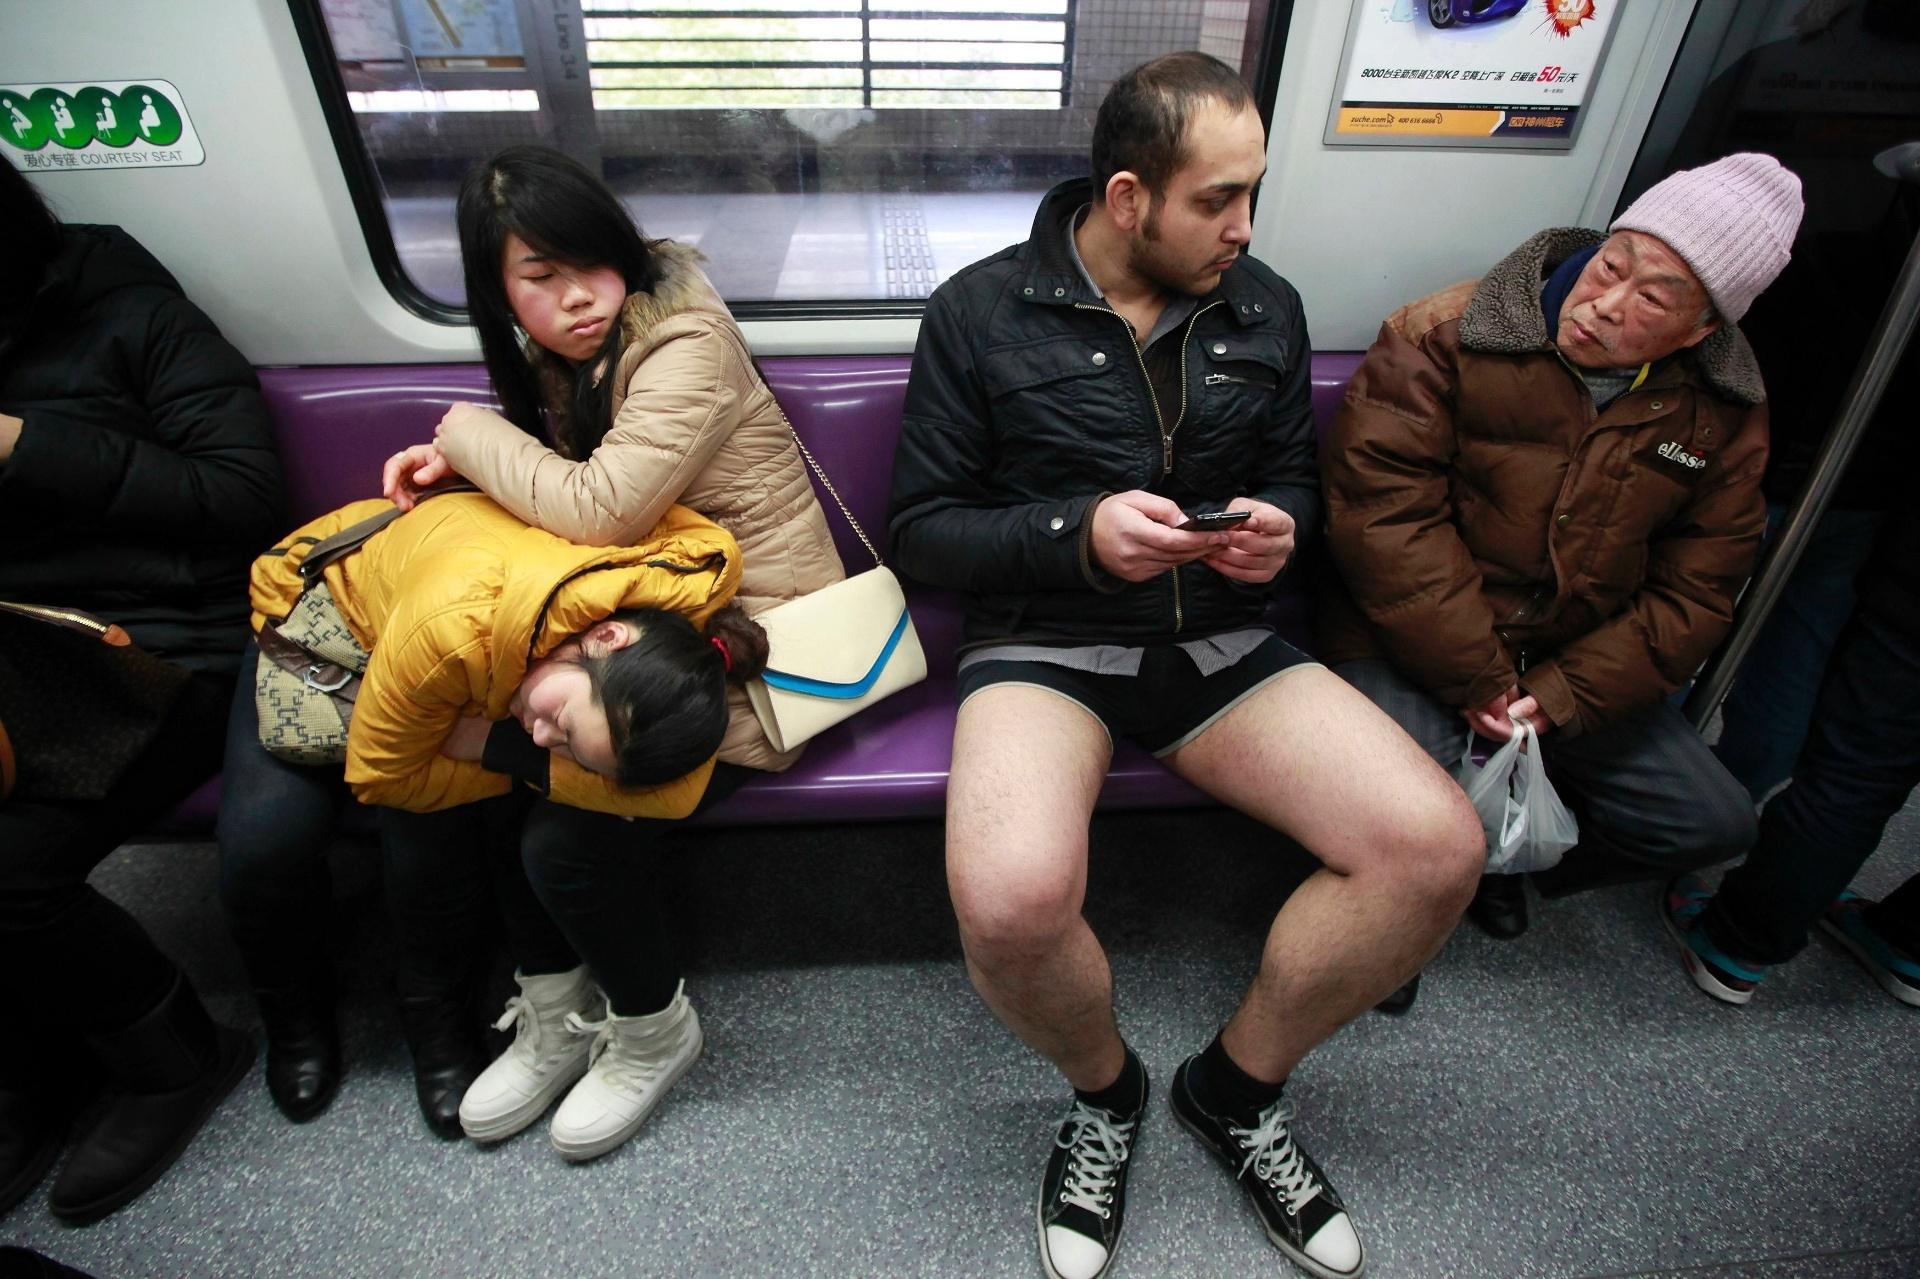 454269e65 Fotos   Dia sem calças  agita metrô na China - 13 01 2013 - UOL Notícias